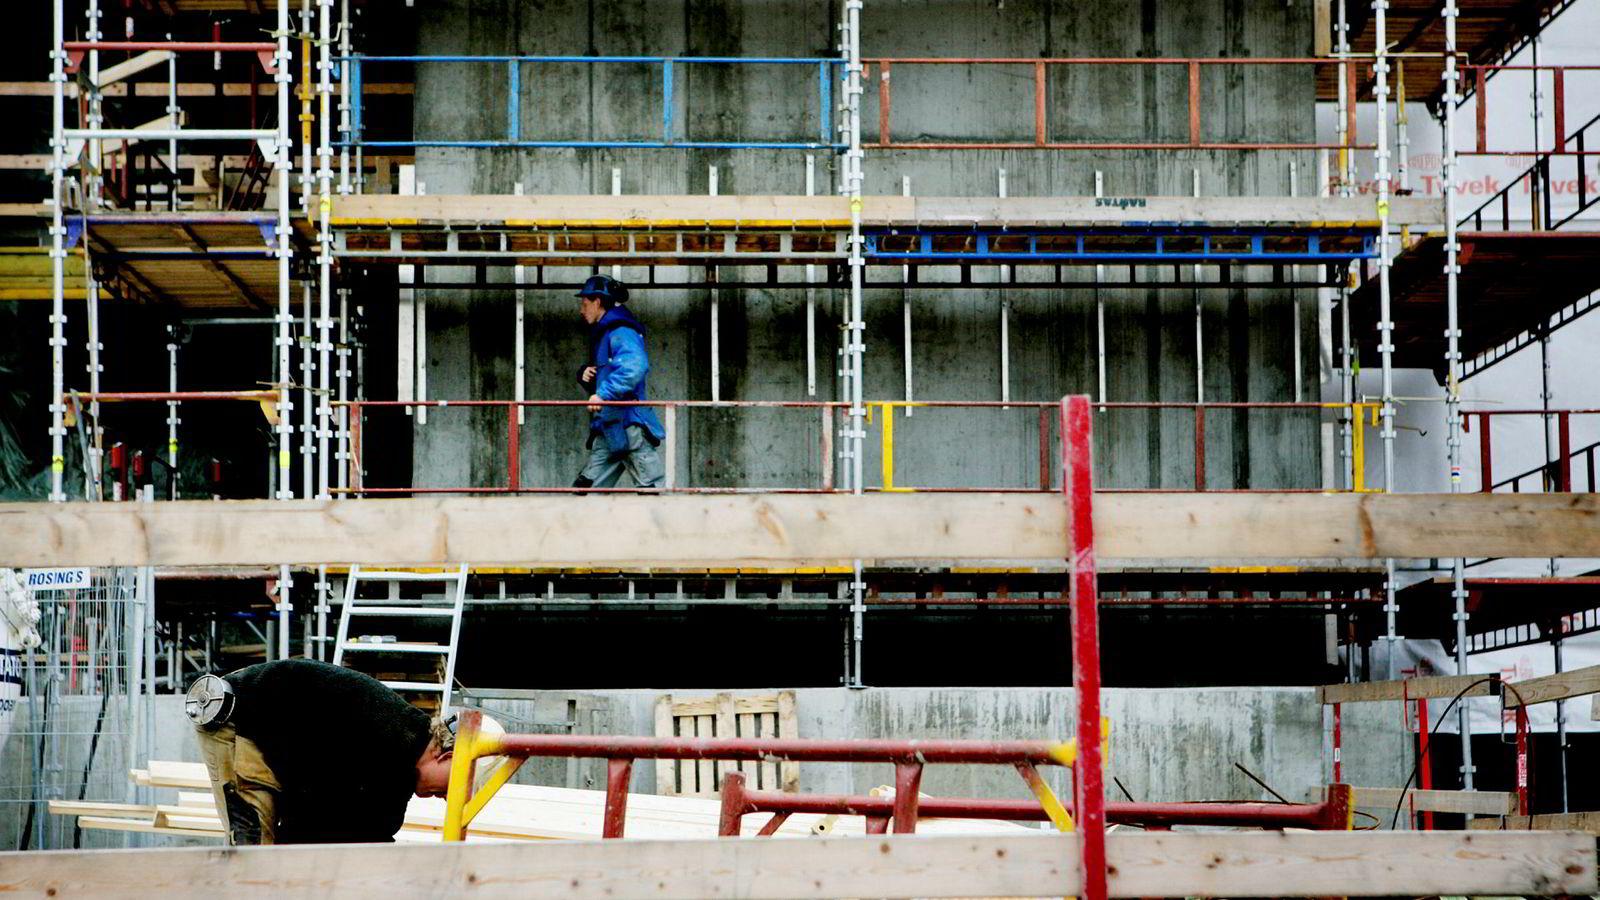 I tillegg til å gi norske virksomheter markedsadgang til det viktige EU-markedet, og således trygge og skape norske arbeidsplasser, gir EU-reglene arbeidstagerne i Norge sterkt vern mot en potensiell arbeiderfiendtlig politikk.